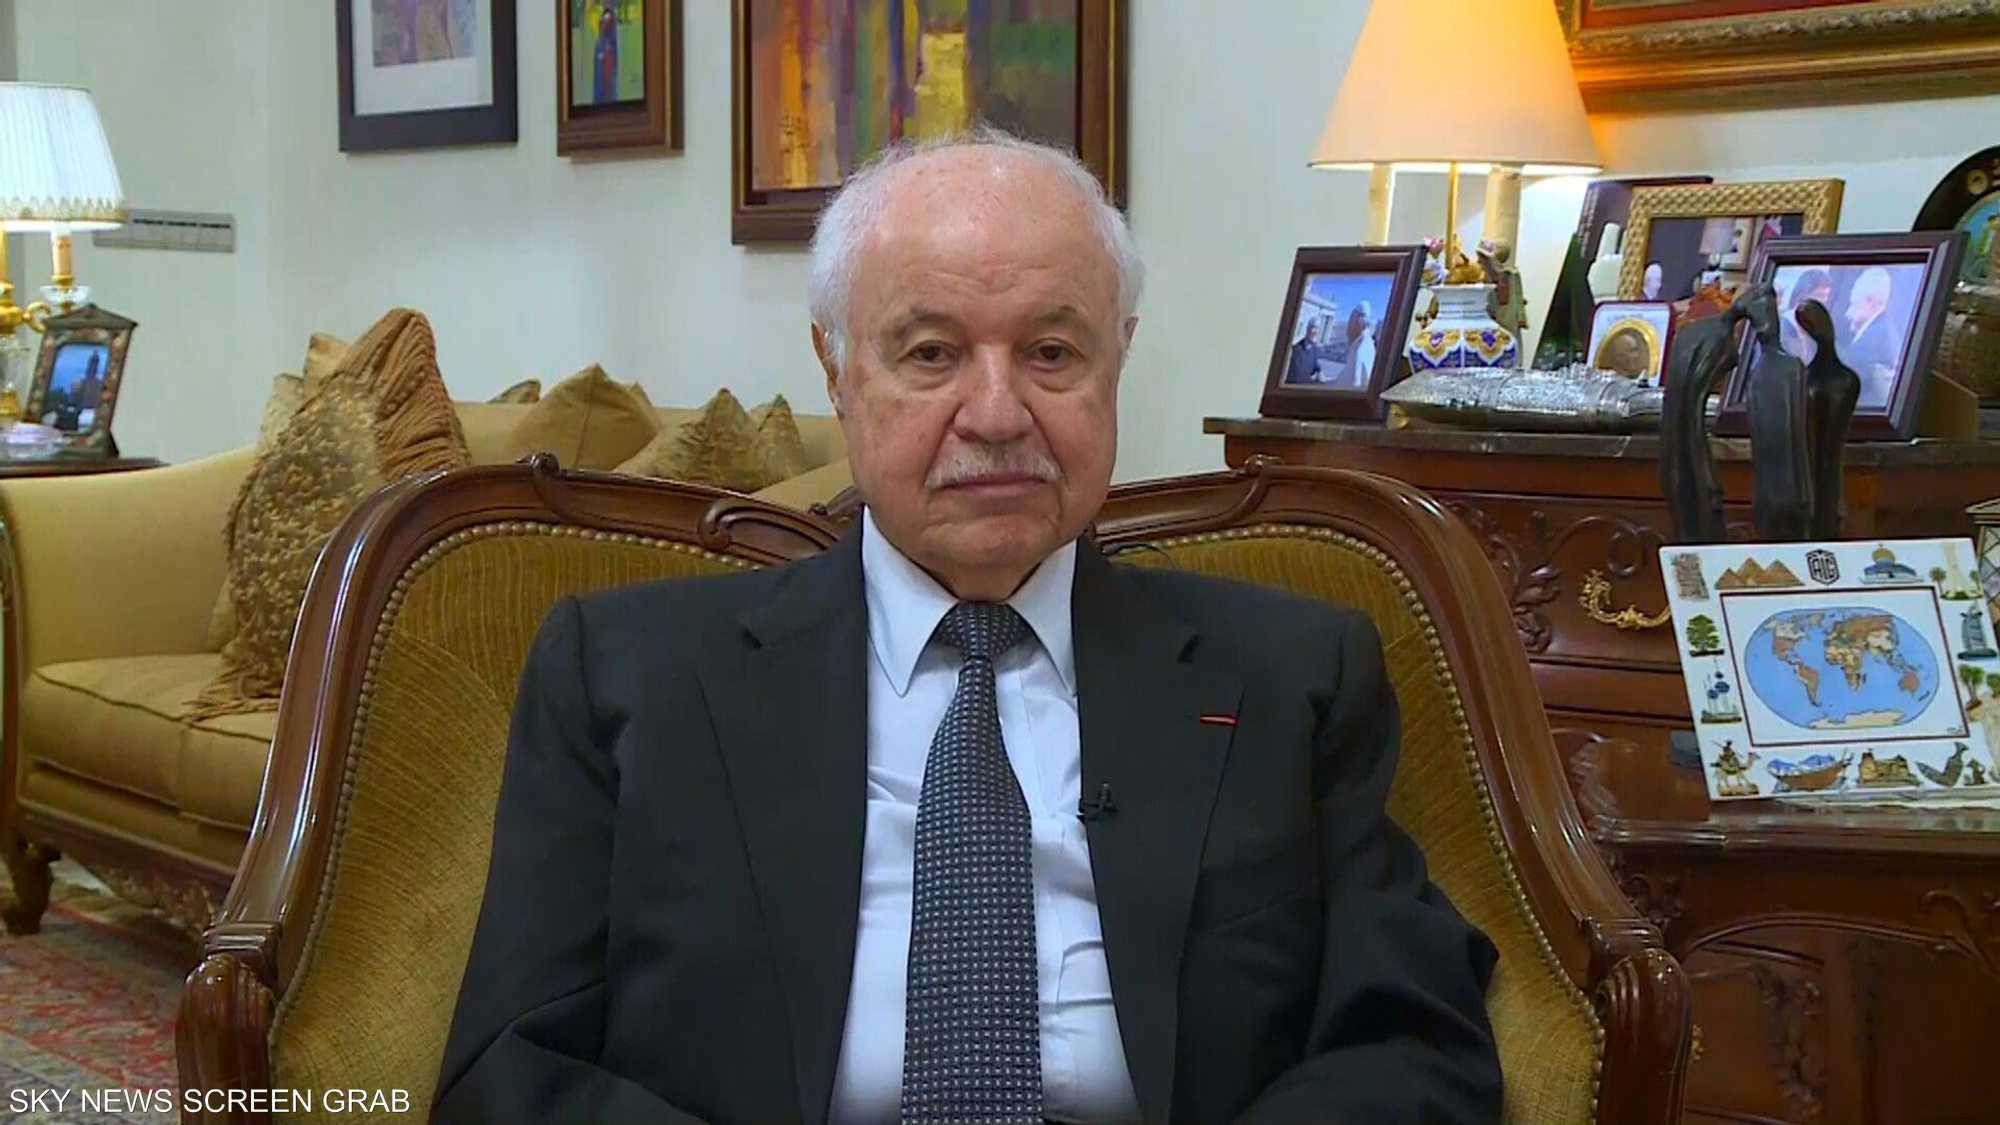 أبو غزالة: الأسوأ لم يأت بعد والعالم على أعتاب حرب